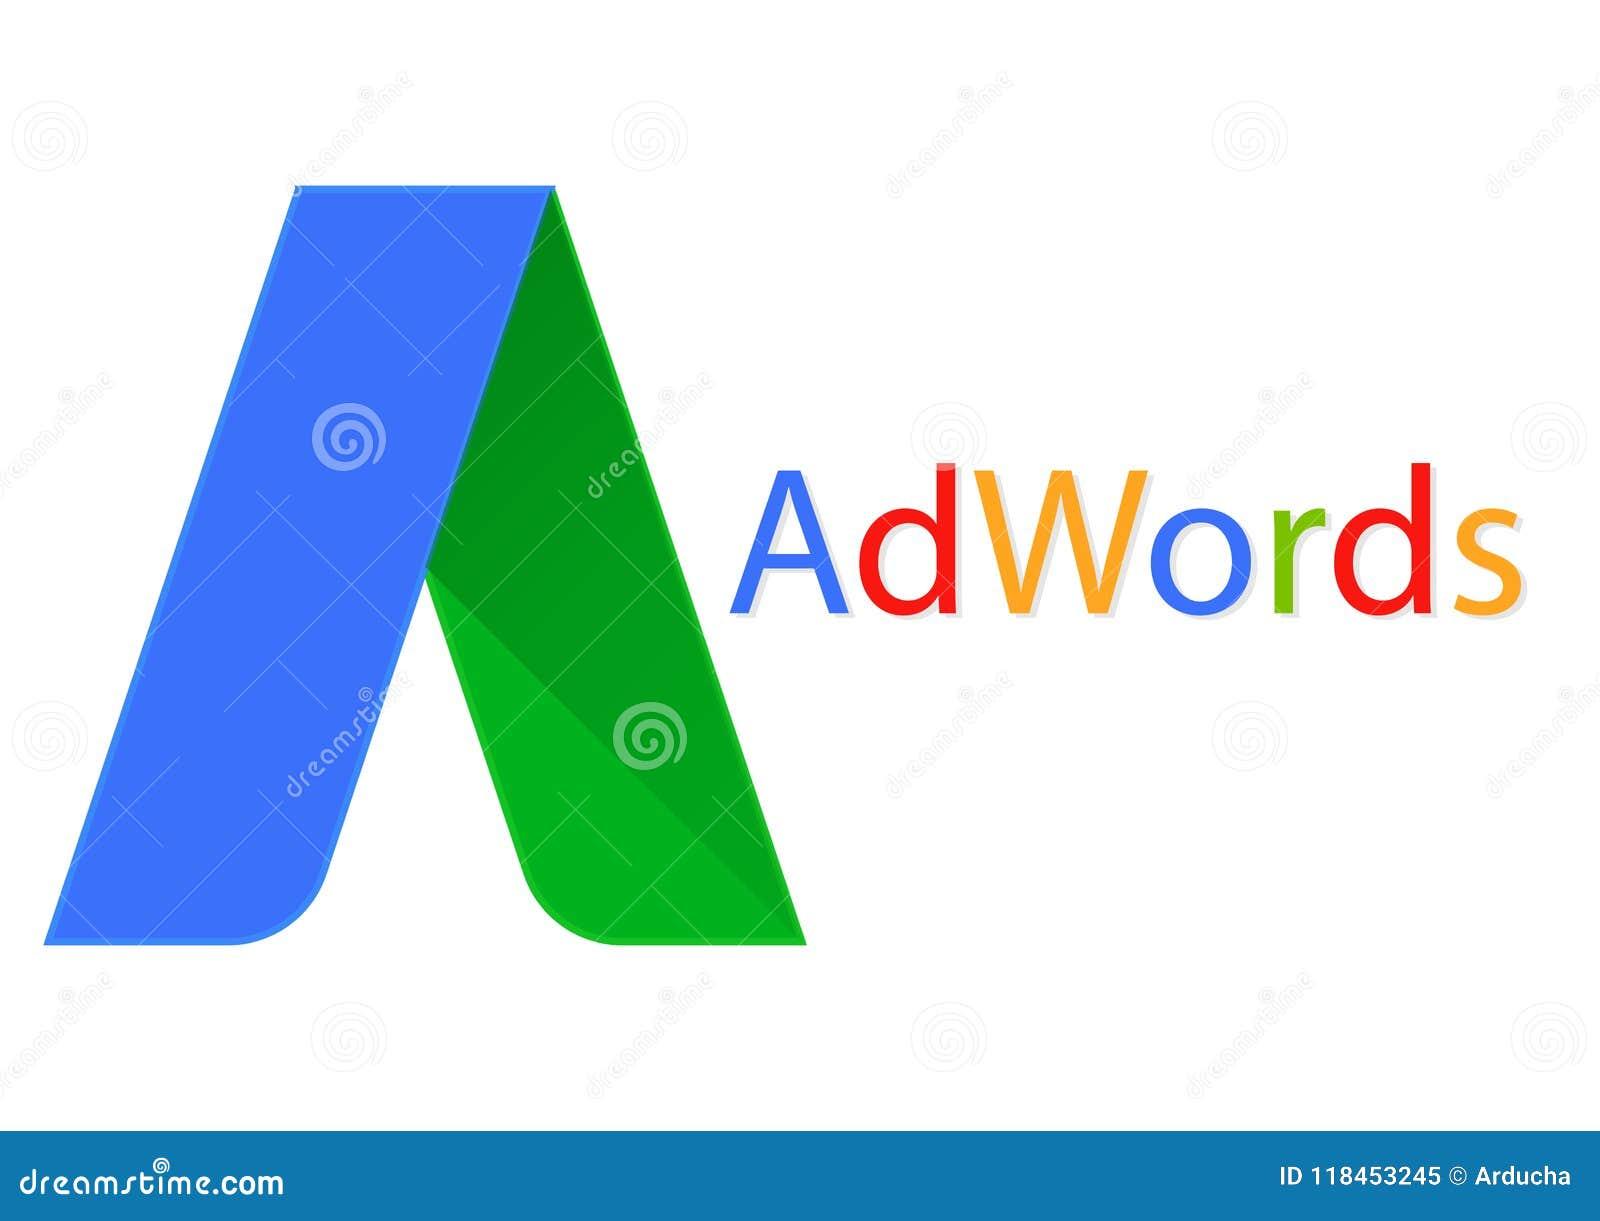 google adwords apk icon